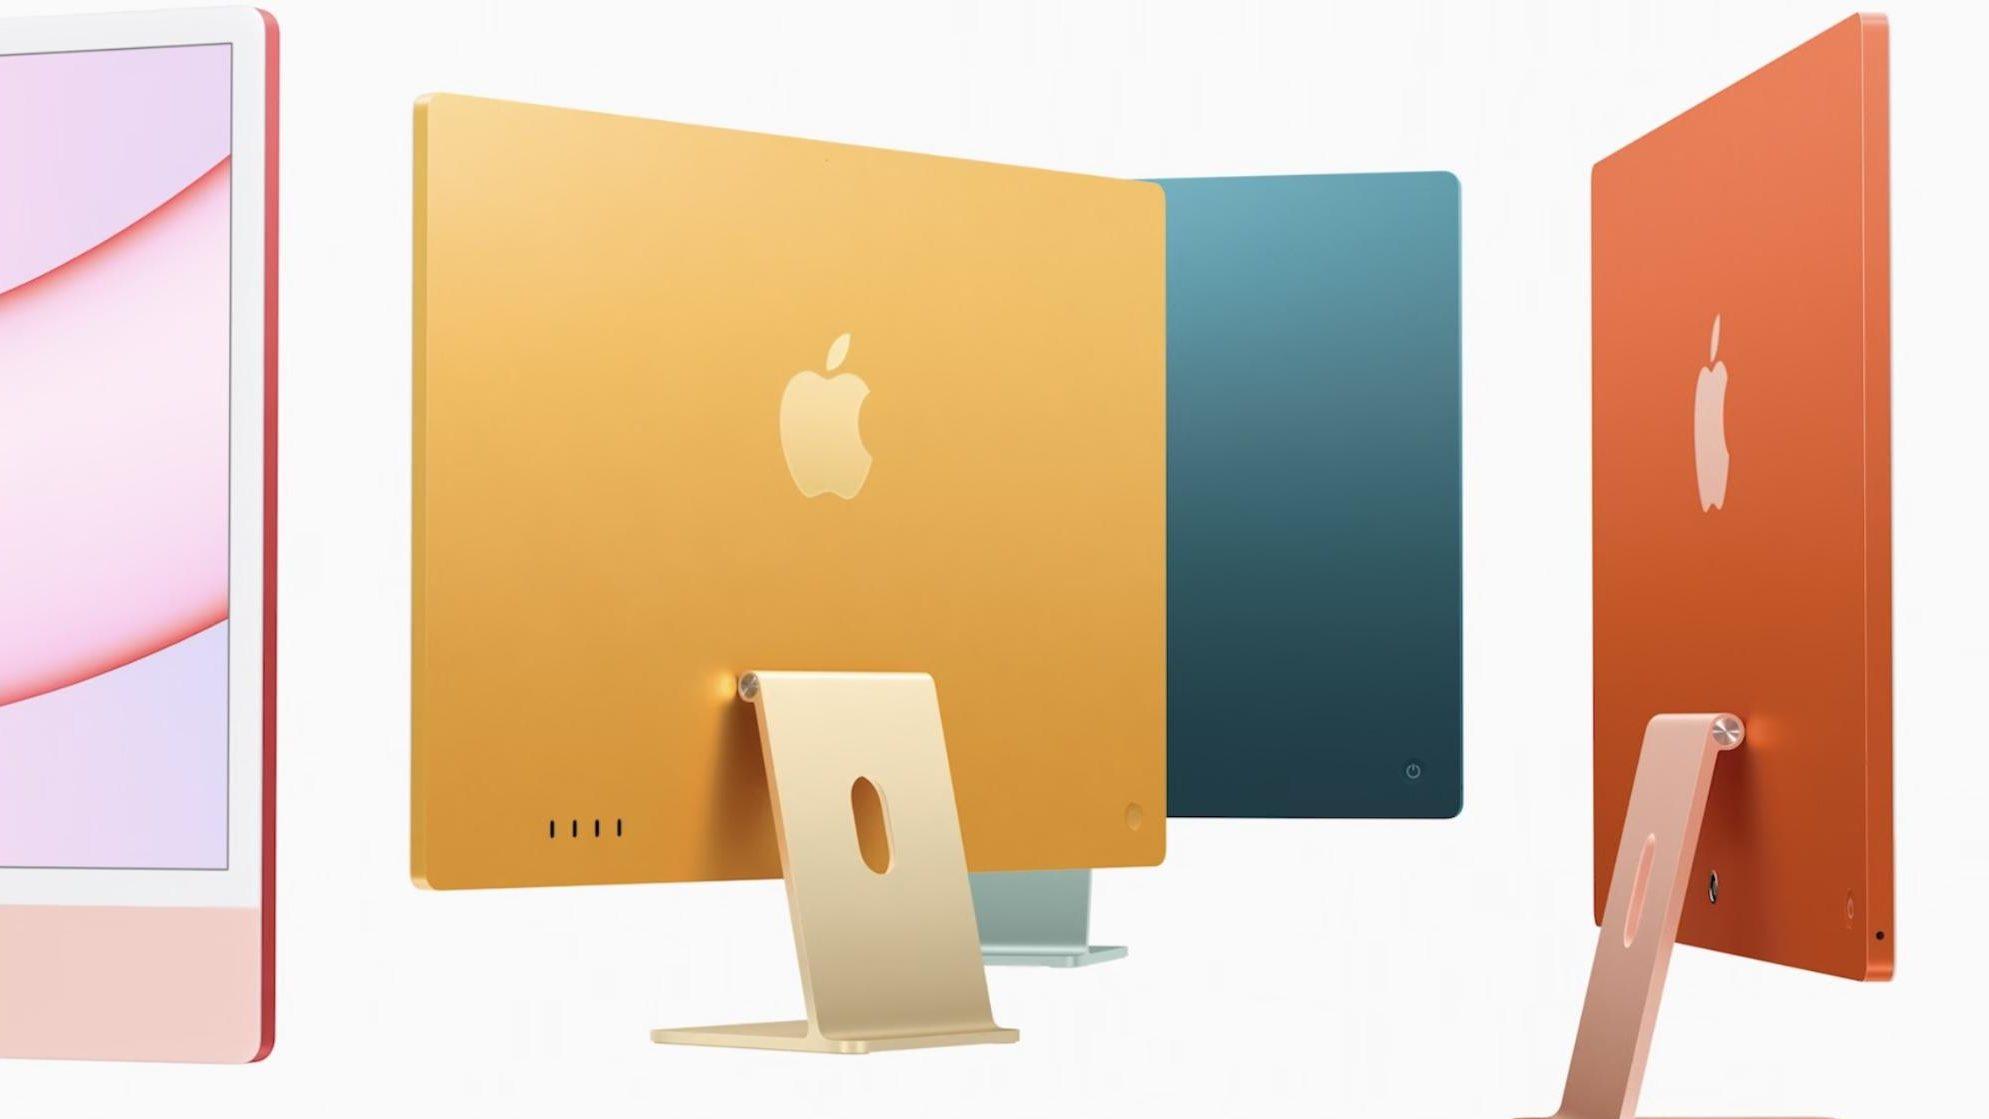 2021 iMac colour options